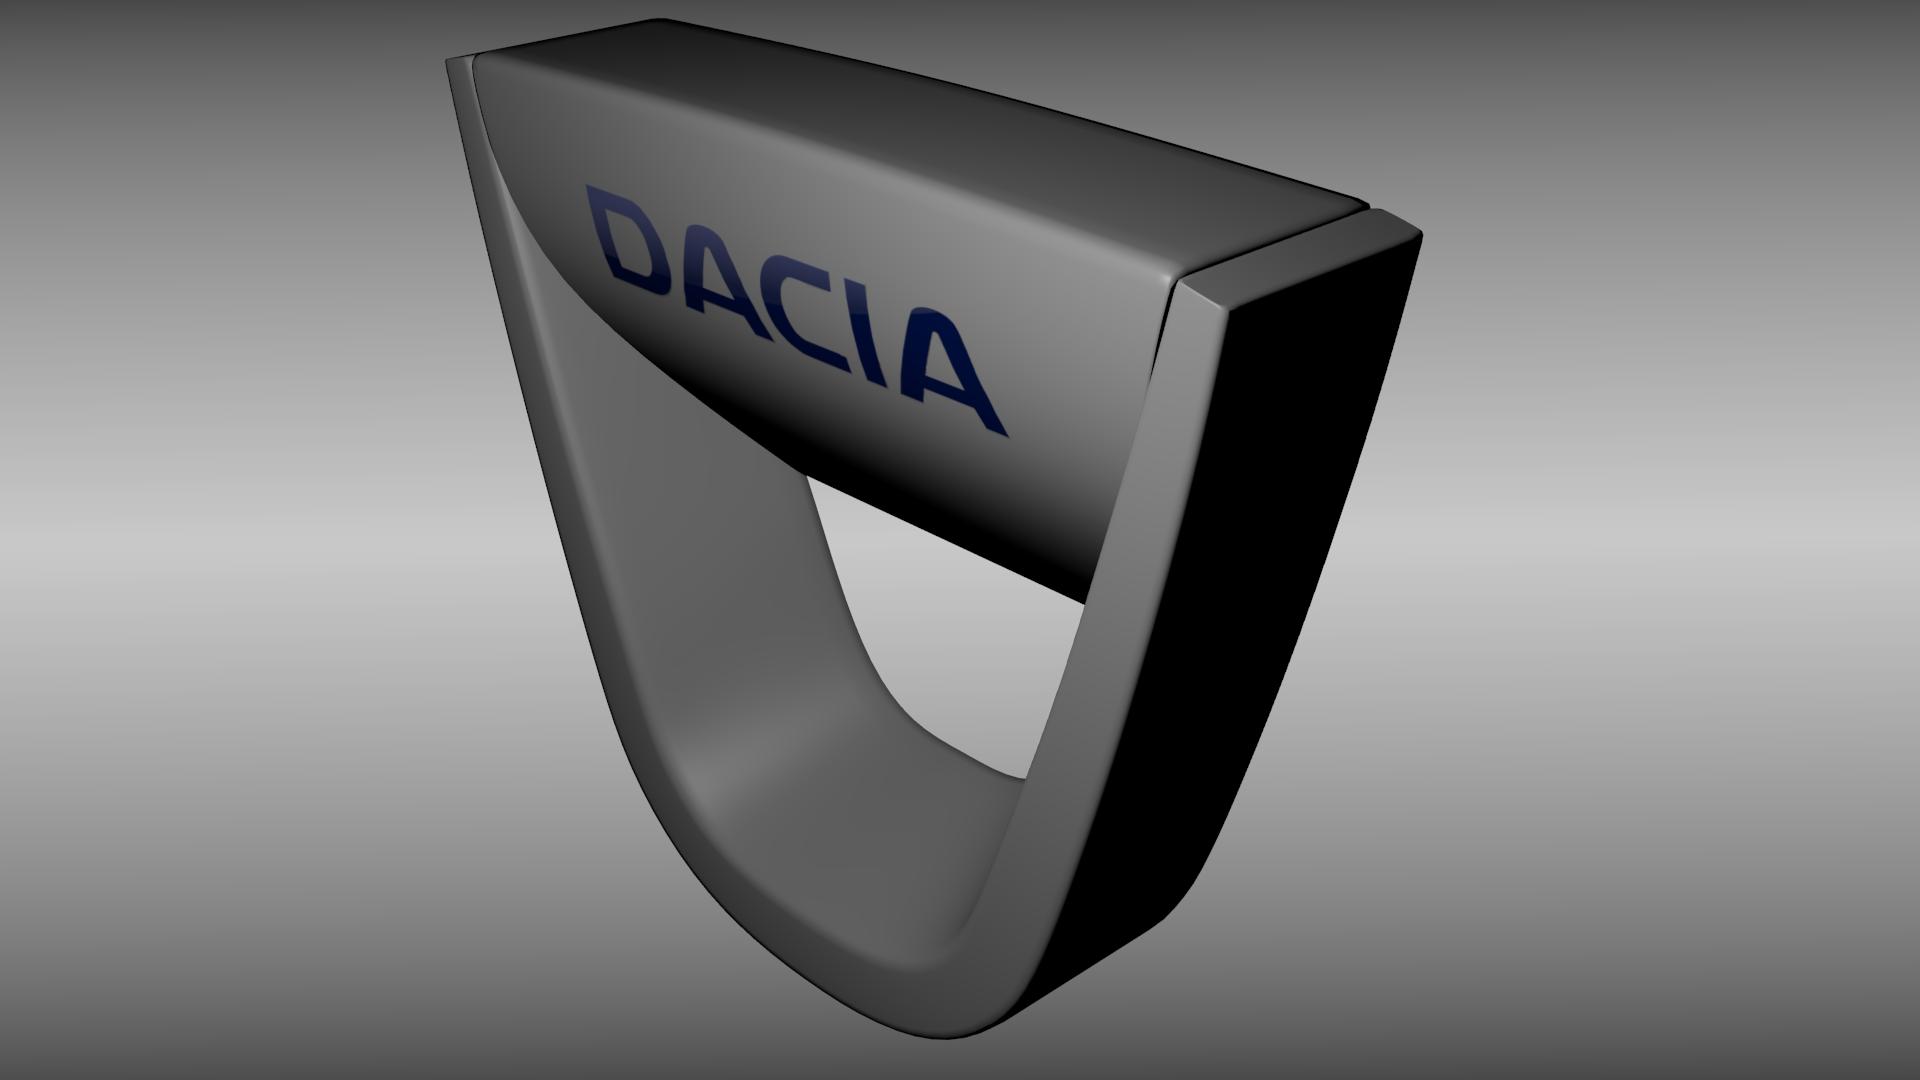 dacia logo 3d model obj blend cgtradercom